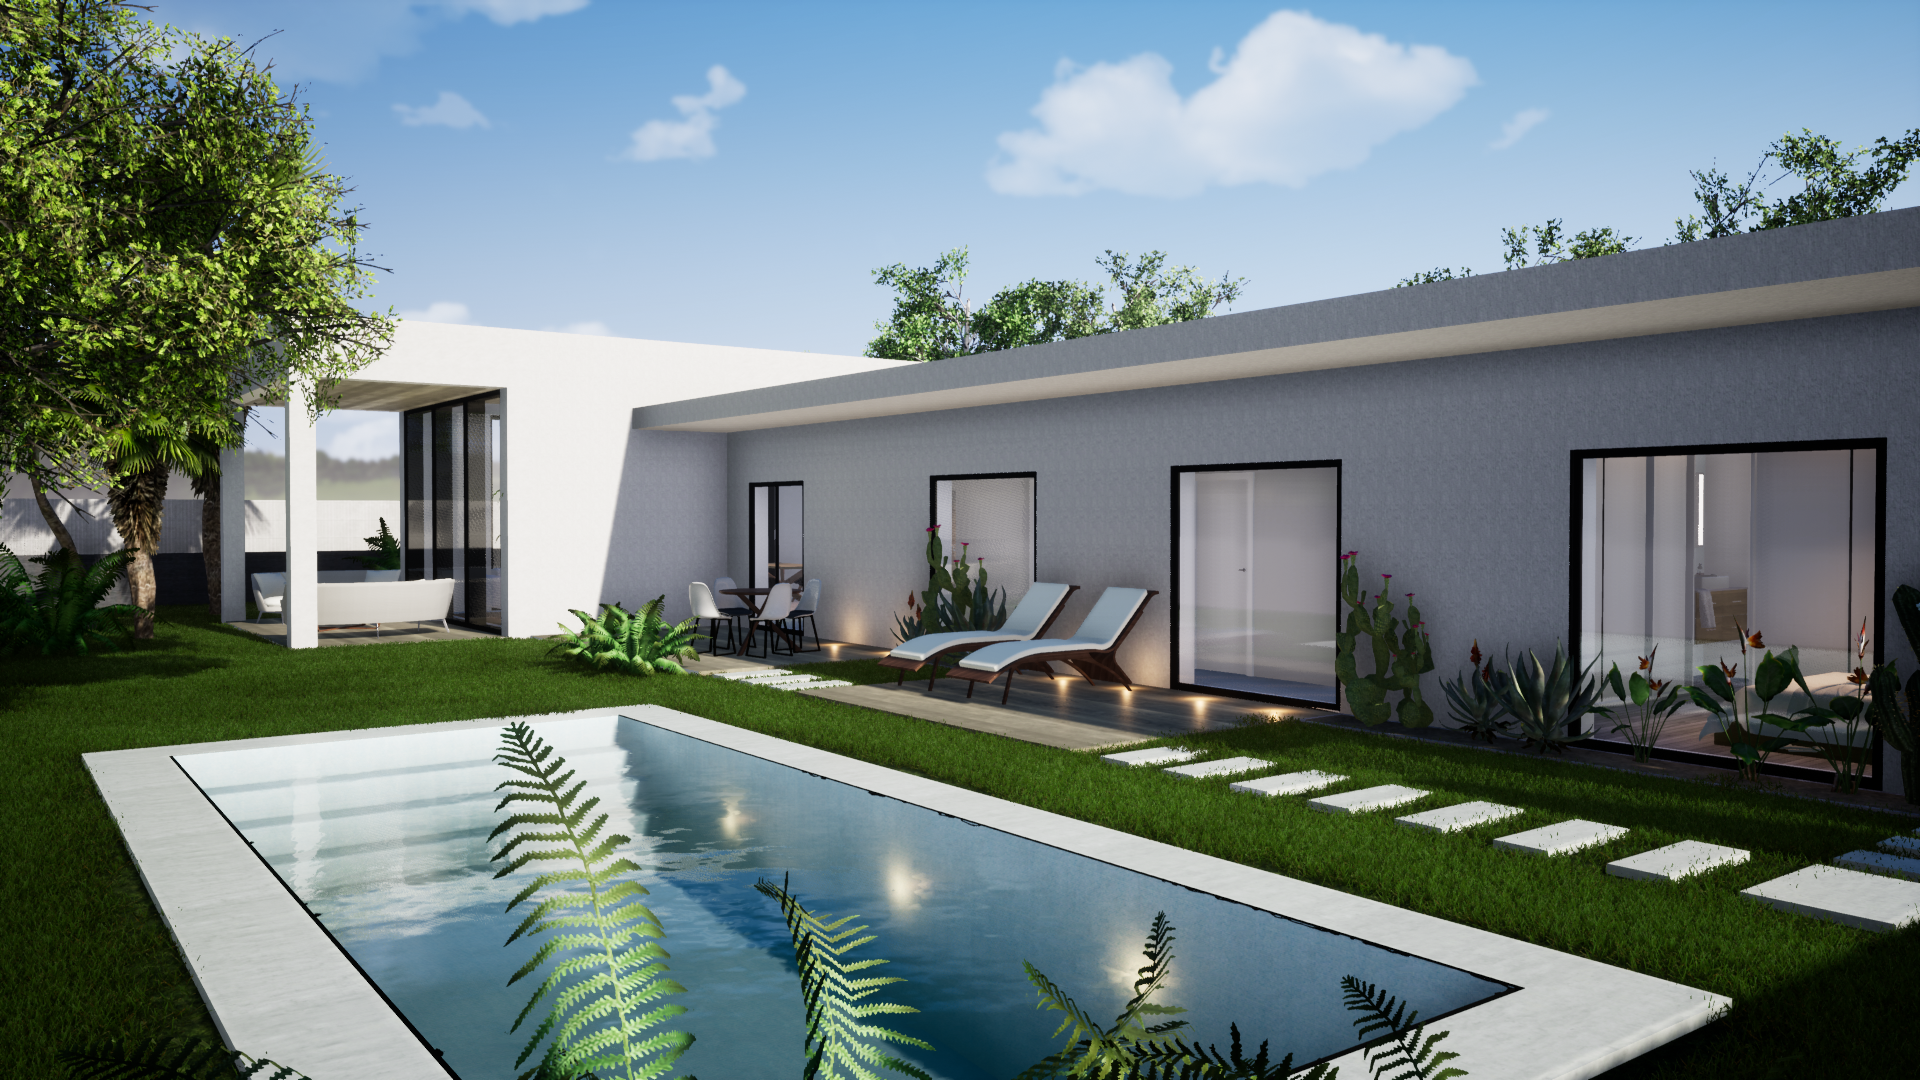 Casa con piscina en Zaragoza